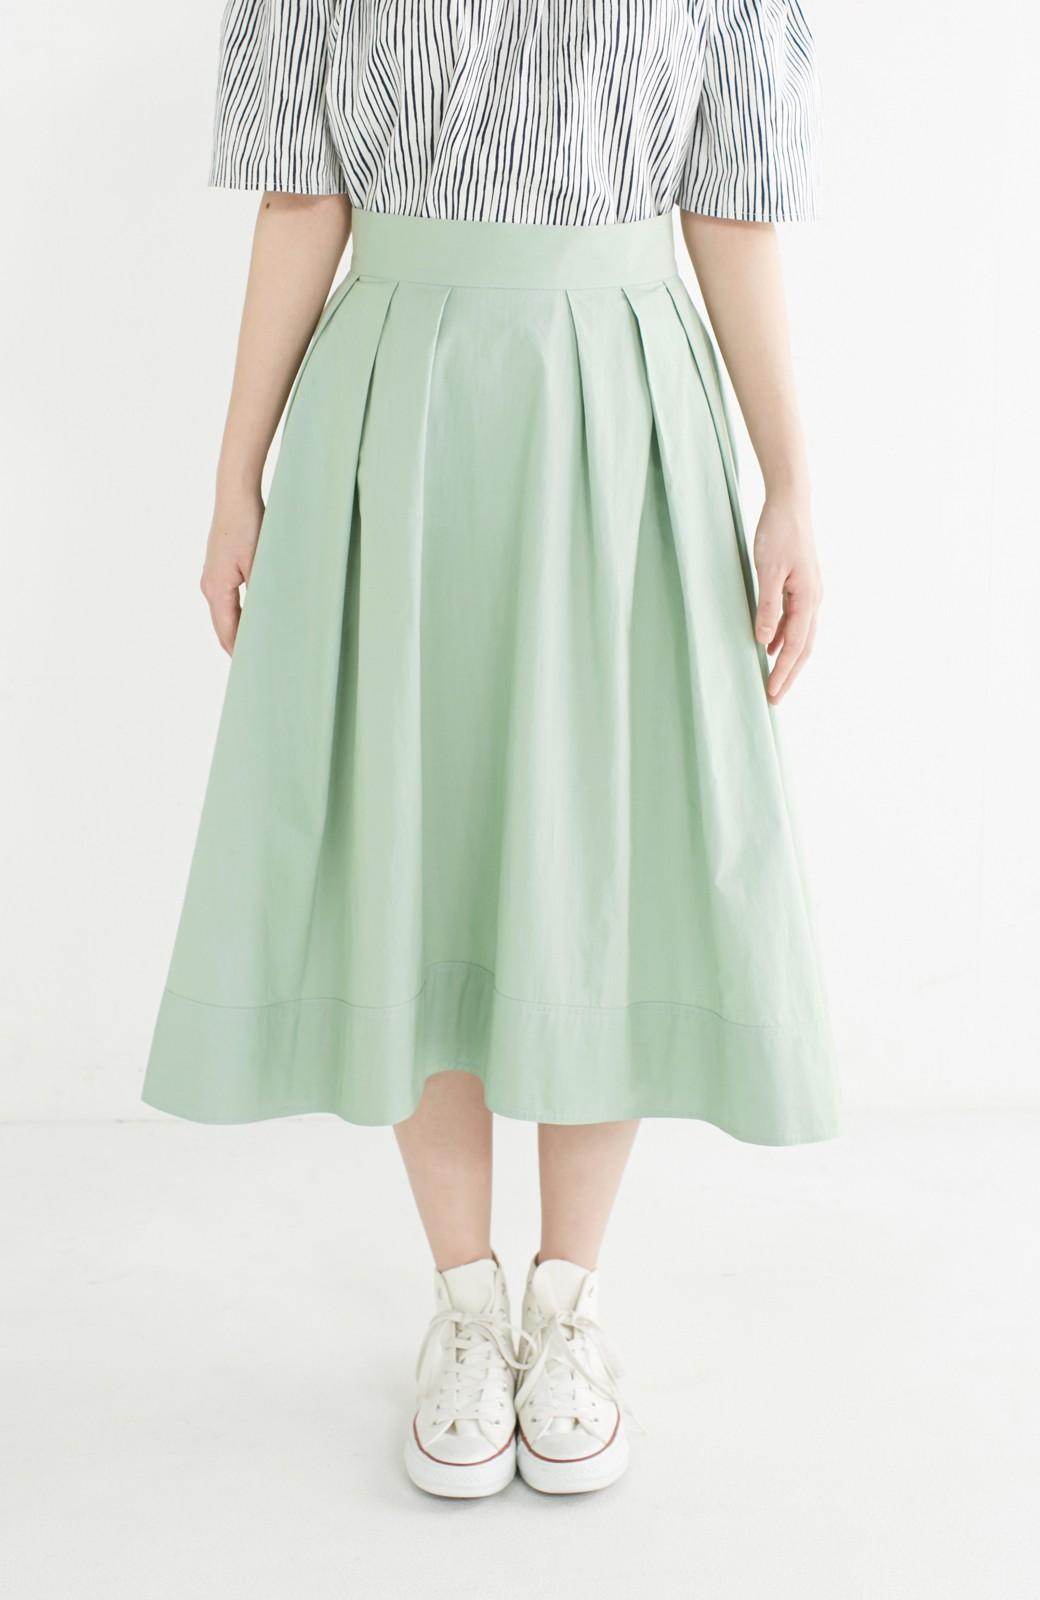 エムトロワ きれい色のイレギュラーヘムスカート <グリーン>の商品写真3